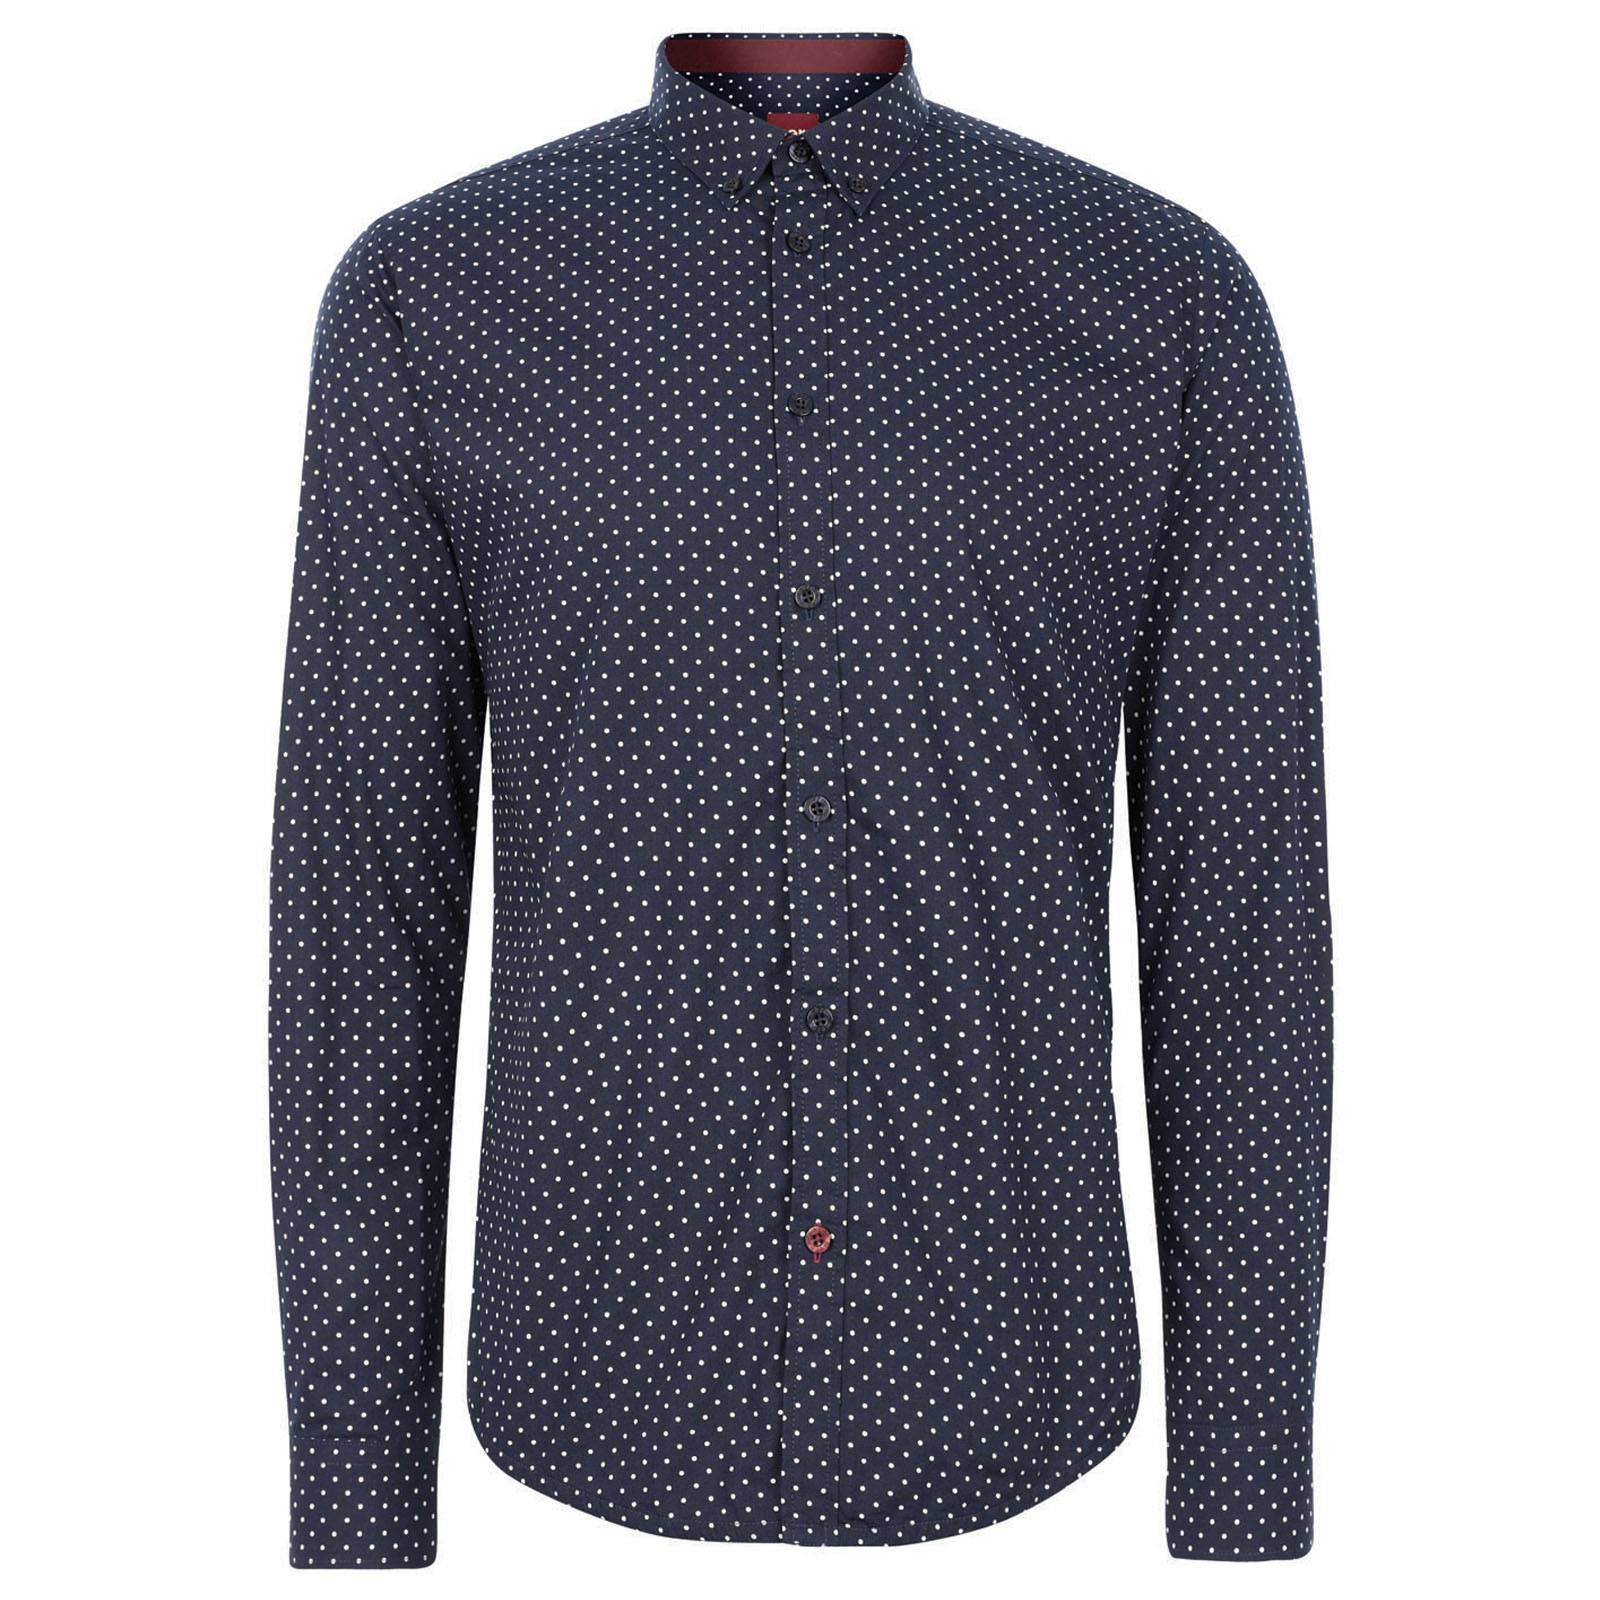 Рубашка SiegelCORE<br>Приталенная рубашка, выполненная в классическом узоре &amp;amp;quot;polka dot&amp;amp;quot;, - эффектная и приковывающая взгляды. &amp;lt;br /&amp;gt;<br>&amp;lt;br /&amp;gt;<br>Нестареющий и всегда актуальный, &amp;amp;quot;горох&amp;amp;quot;, в силу своей исторической связи с модой эпохи 60-х, неизменно присутствует в каждой коллекции Merc в разных образах и формах, но все же сорочка полька-дот была и остается для Merc эталонным &amp;amp;quot;гороховым&amp;amp;quot; предметом гардероба. &amp;lt;br /&amp;gt;<br>&amp;lt;br /&amp;gt;<br>Вы можете быть абсолютно уверены в том, что в понимающей аудитории эта рубашка будет по достоинству оценена и отмечена окружающими. В ней ваш look будет в выигрыше независимо от времени и места, ведь необычайная универсальность этой сорочки позволяет сочетать ее с трикотажем или блейзером, одевать с зауженными джинсами или под деловой костюм. В то же время она самодостаточна и в любой момент готова выйти не передний план, став центром вашего наряда.<br><br>Артикул: 1513208<br>Материал: 100% хлопок<br>Цвет: синий<br>Пол: Мужской